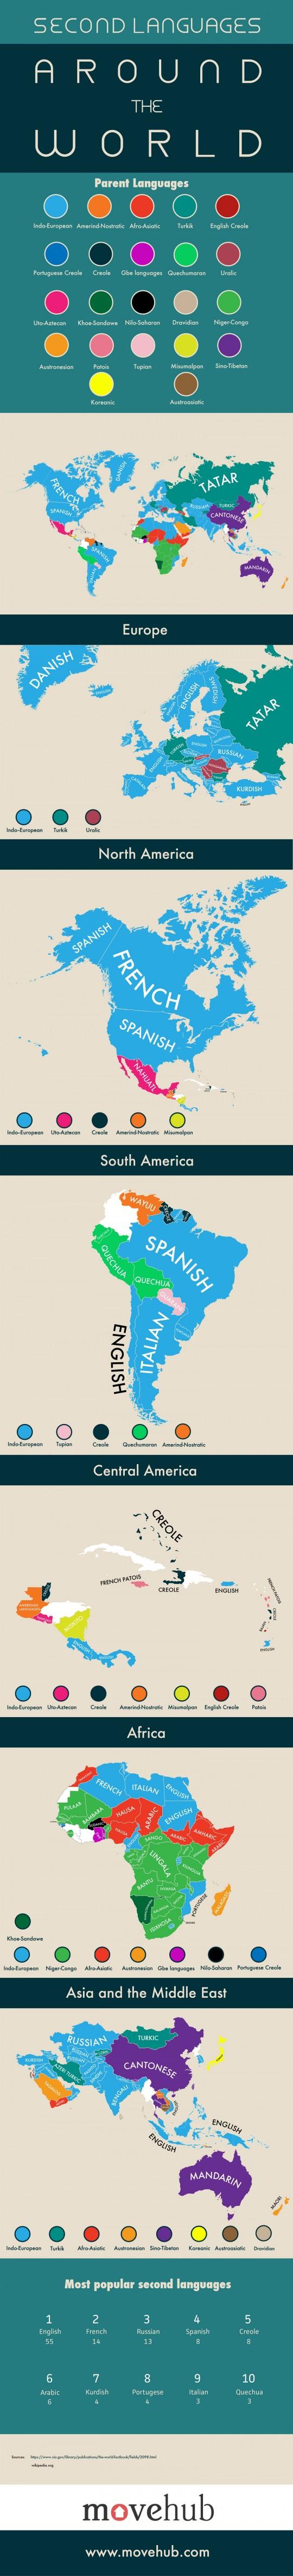 global-second-languages_53e8f48b714d4_w540